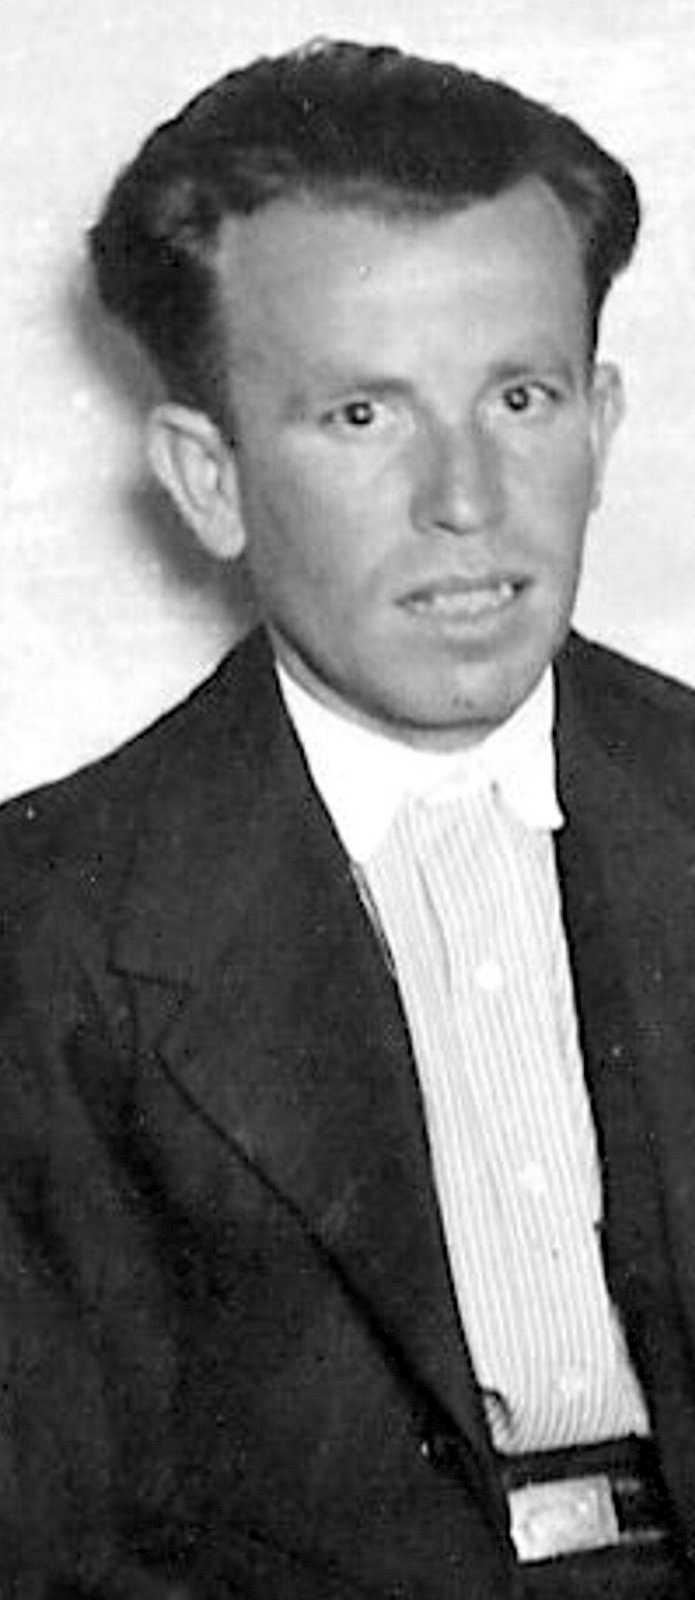 Antonio Cabañas Salvador (juny de 1934)